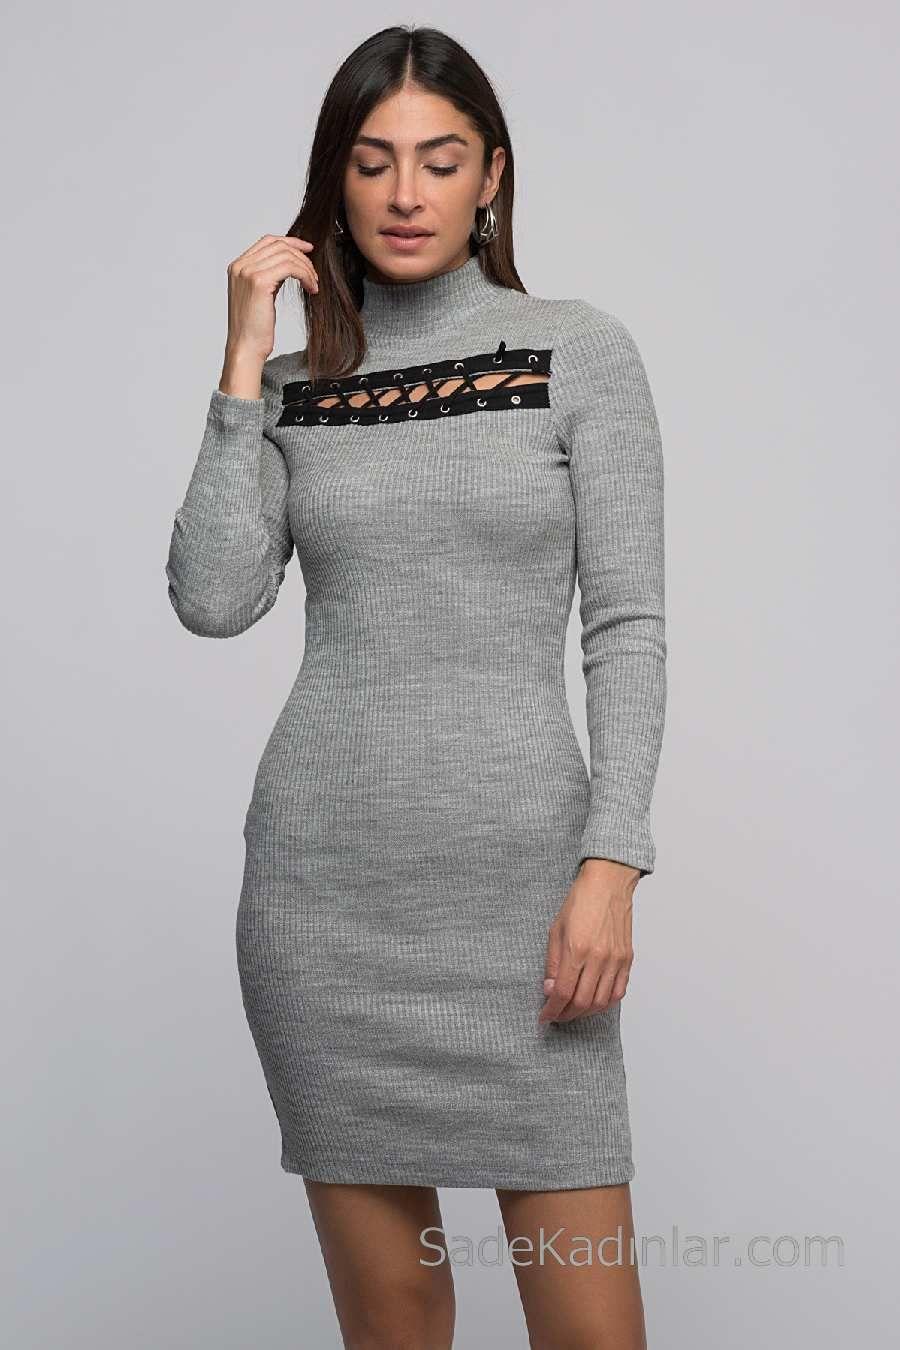 2020 Kislik Elbise Modelleri Gri Kisa Bogazli Onu Kus Gozu Detayli Elbise Modelleri Elbise Kazak Elbise